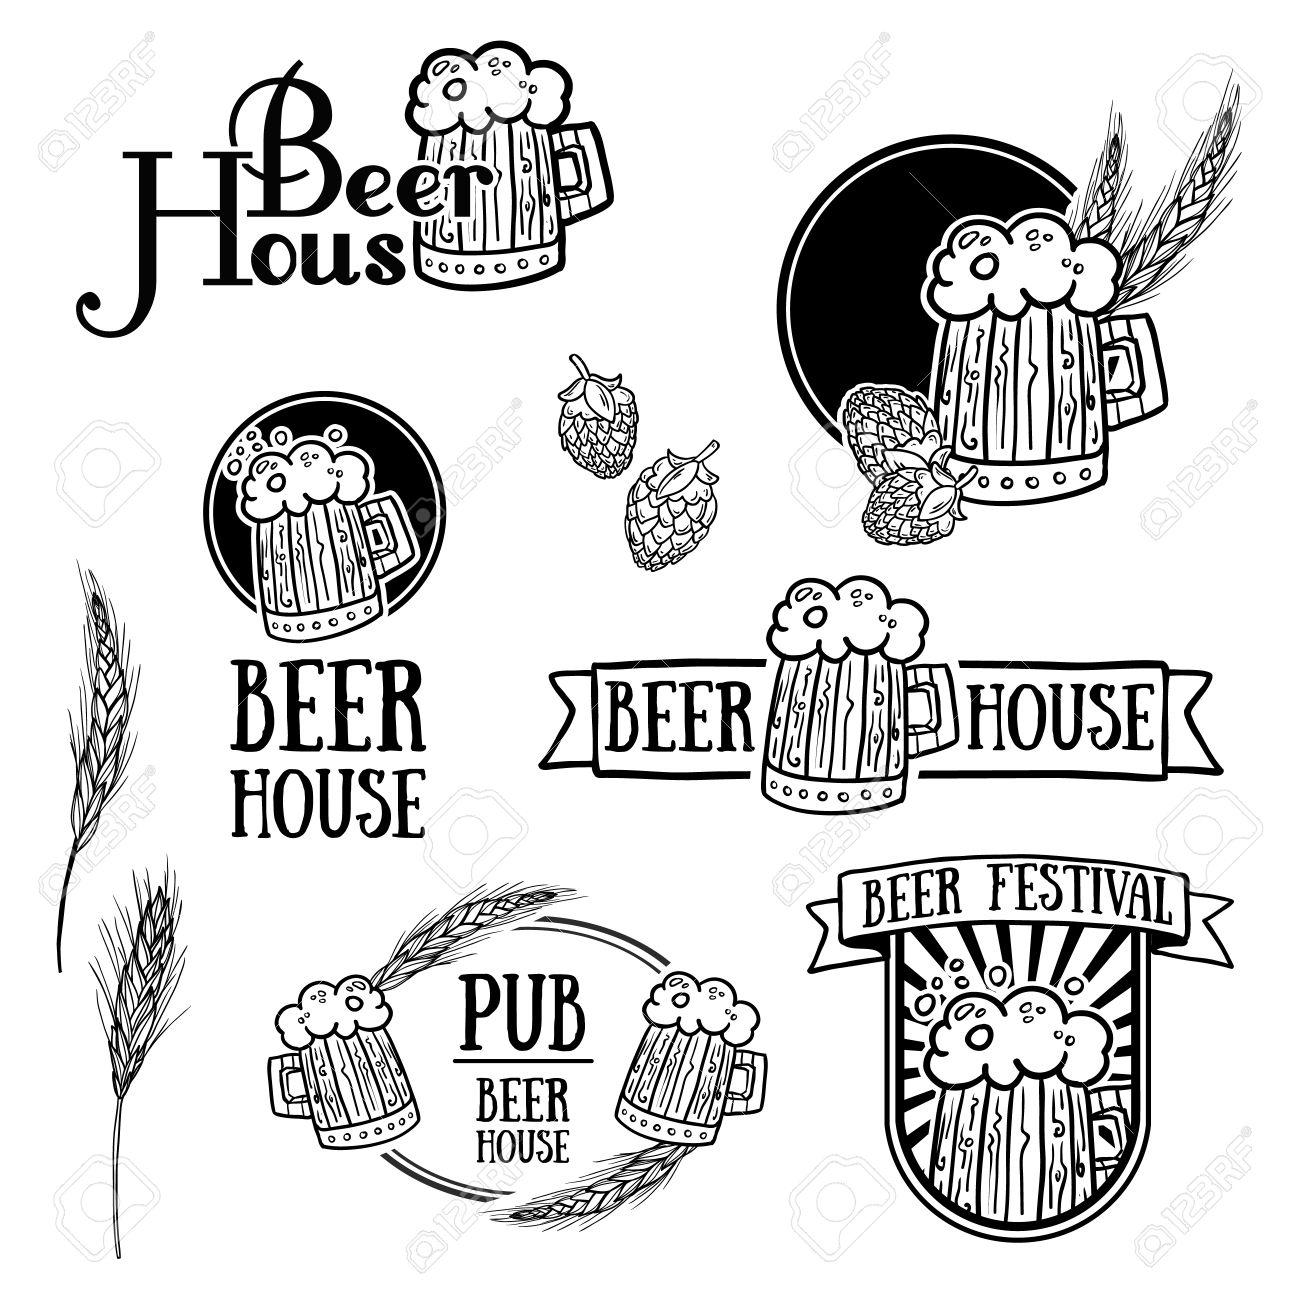 ビンテージの白黒レトロなロゴアイコン記号バッジやビールのラベル